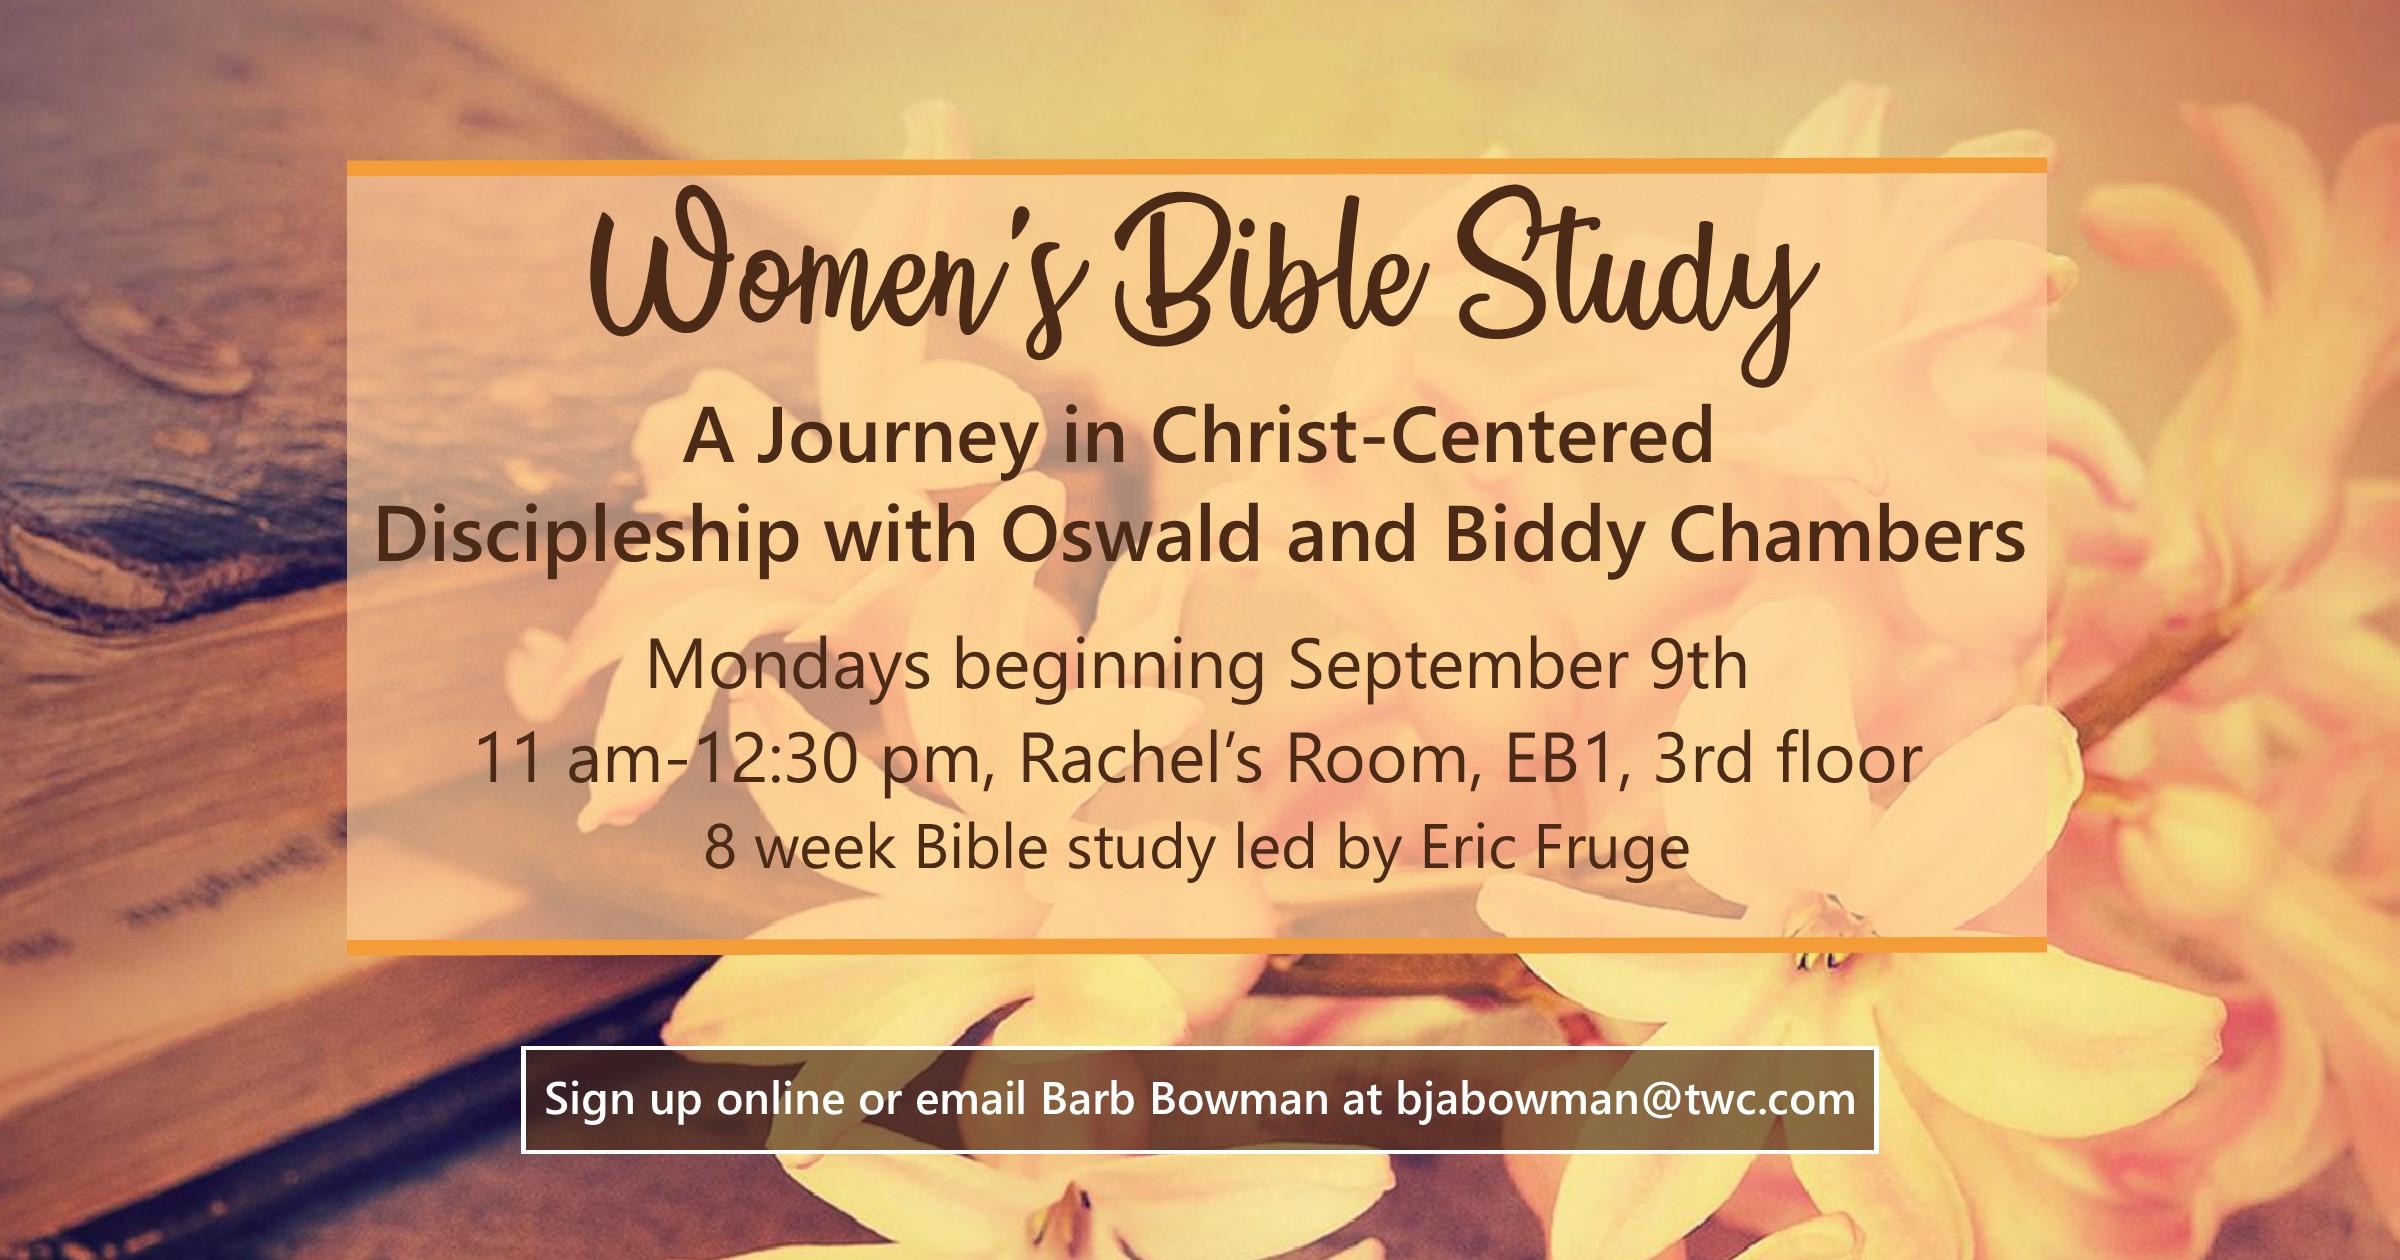 Women Monday Bible Study FB image Fall 2019.jpg